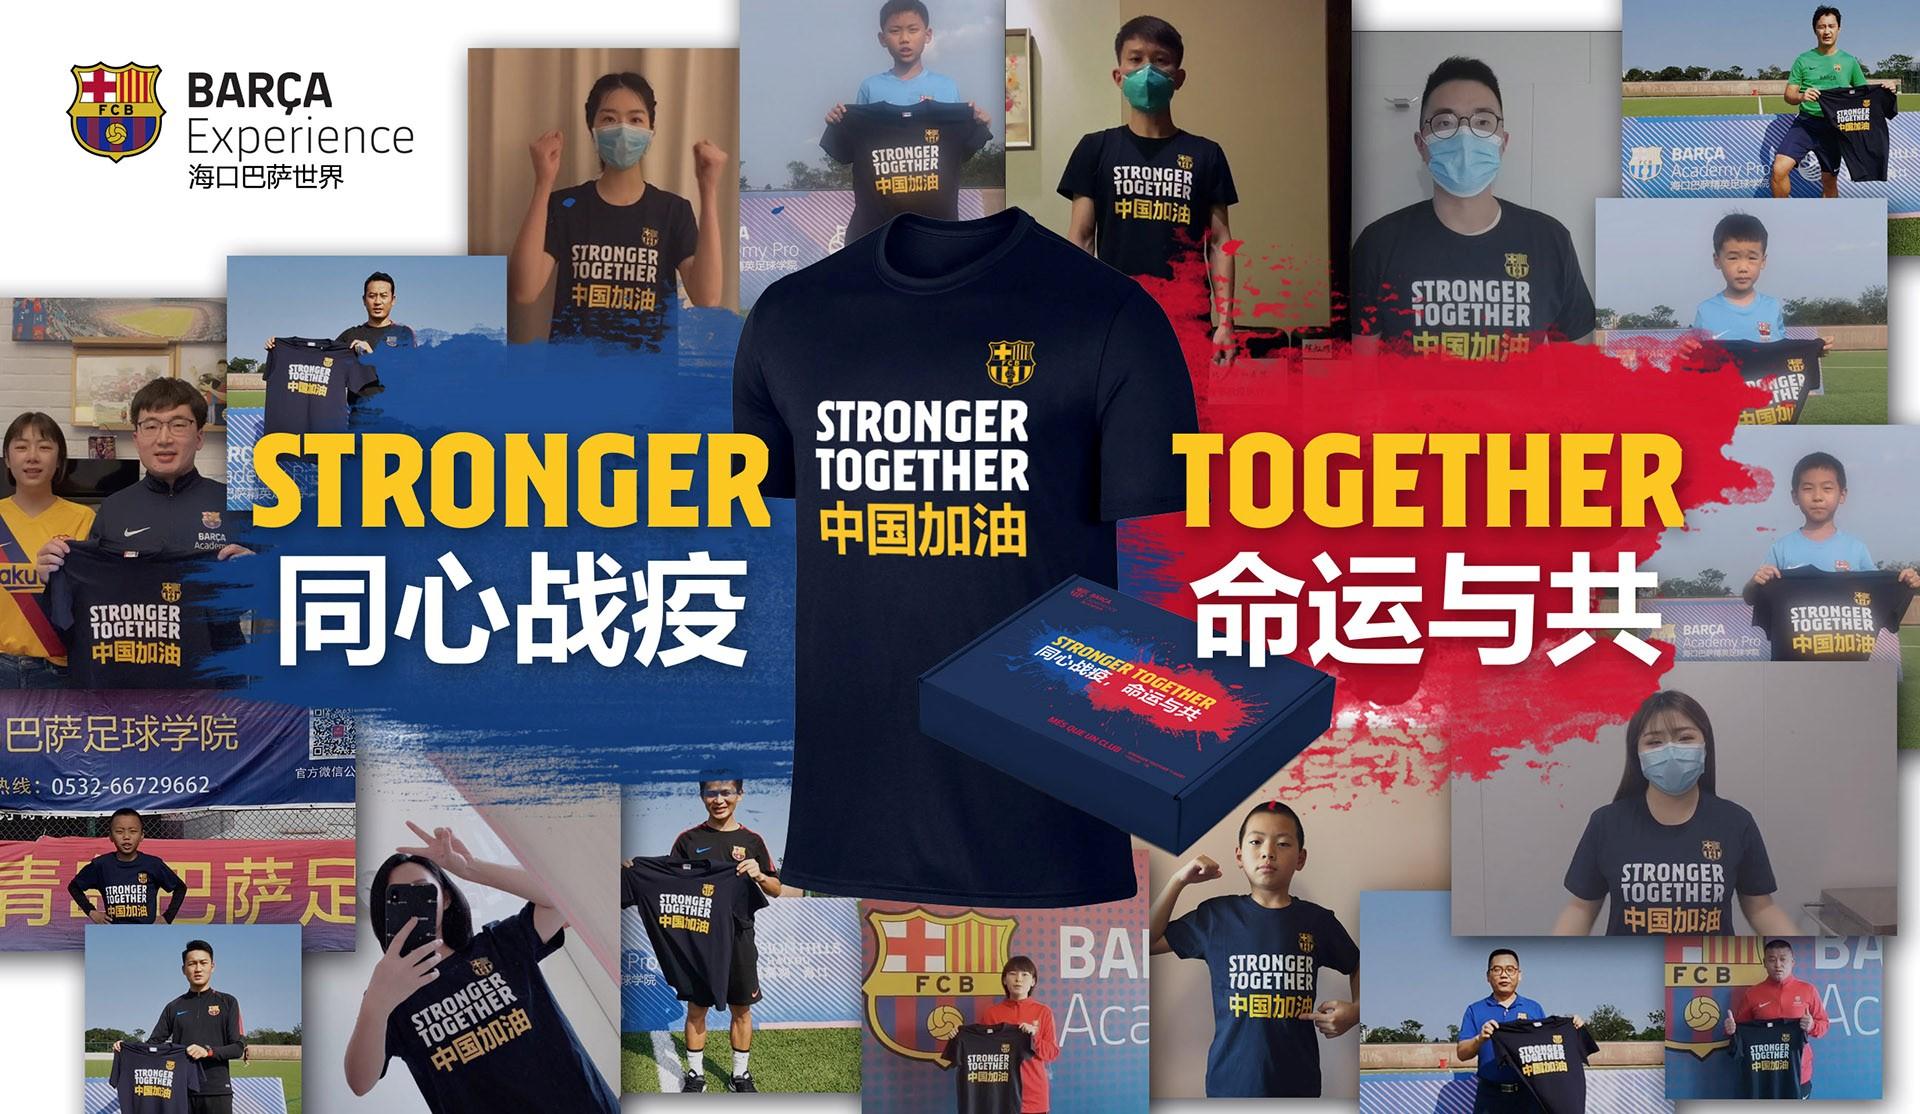 巴萨推出限量版特制纪念T恤 筹集善款抗击疫情